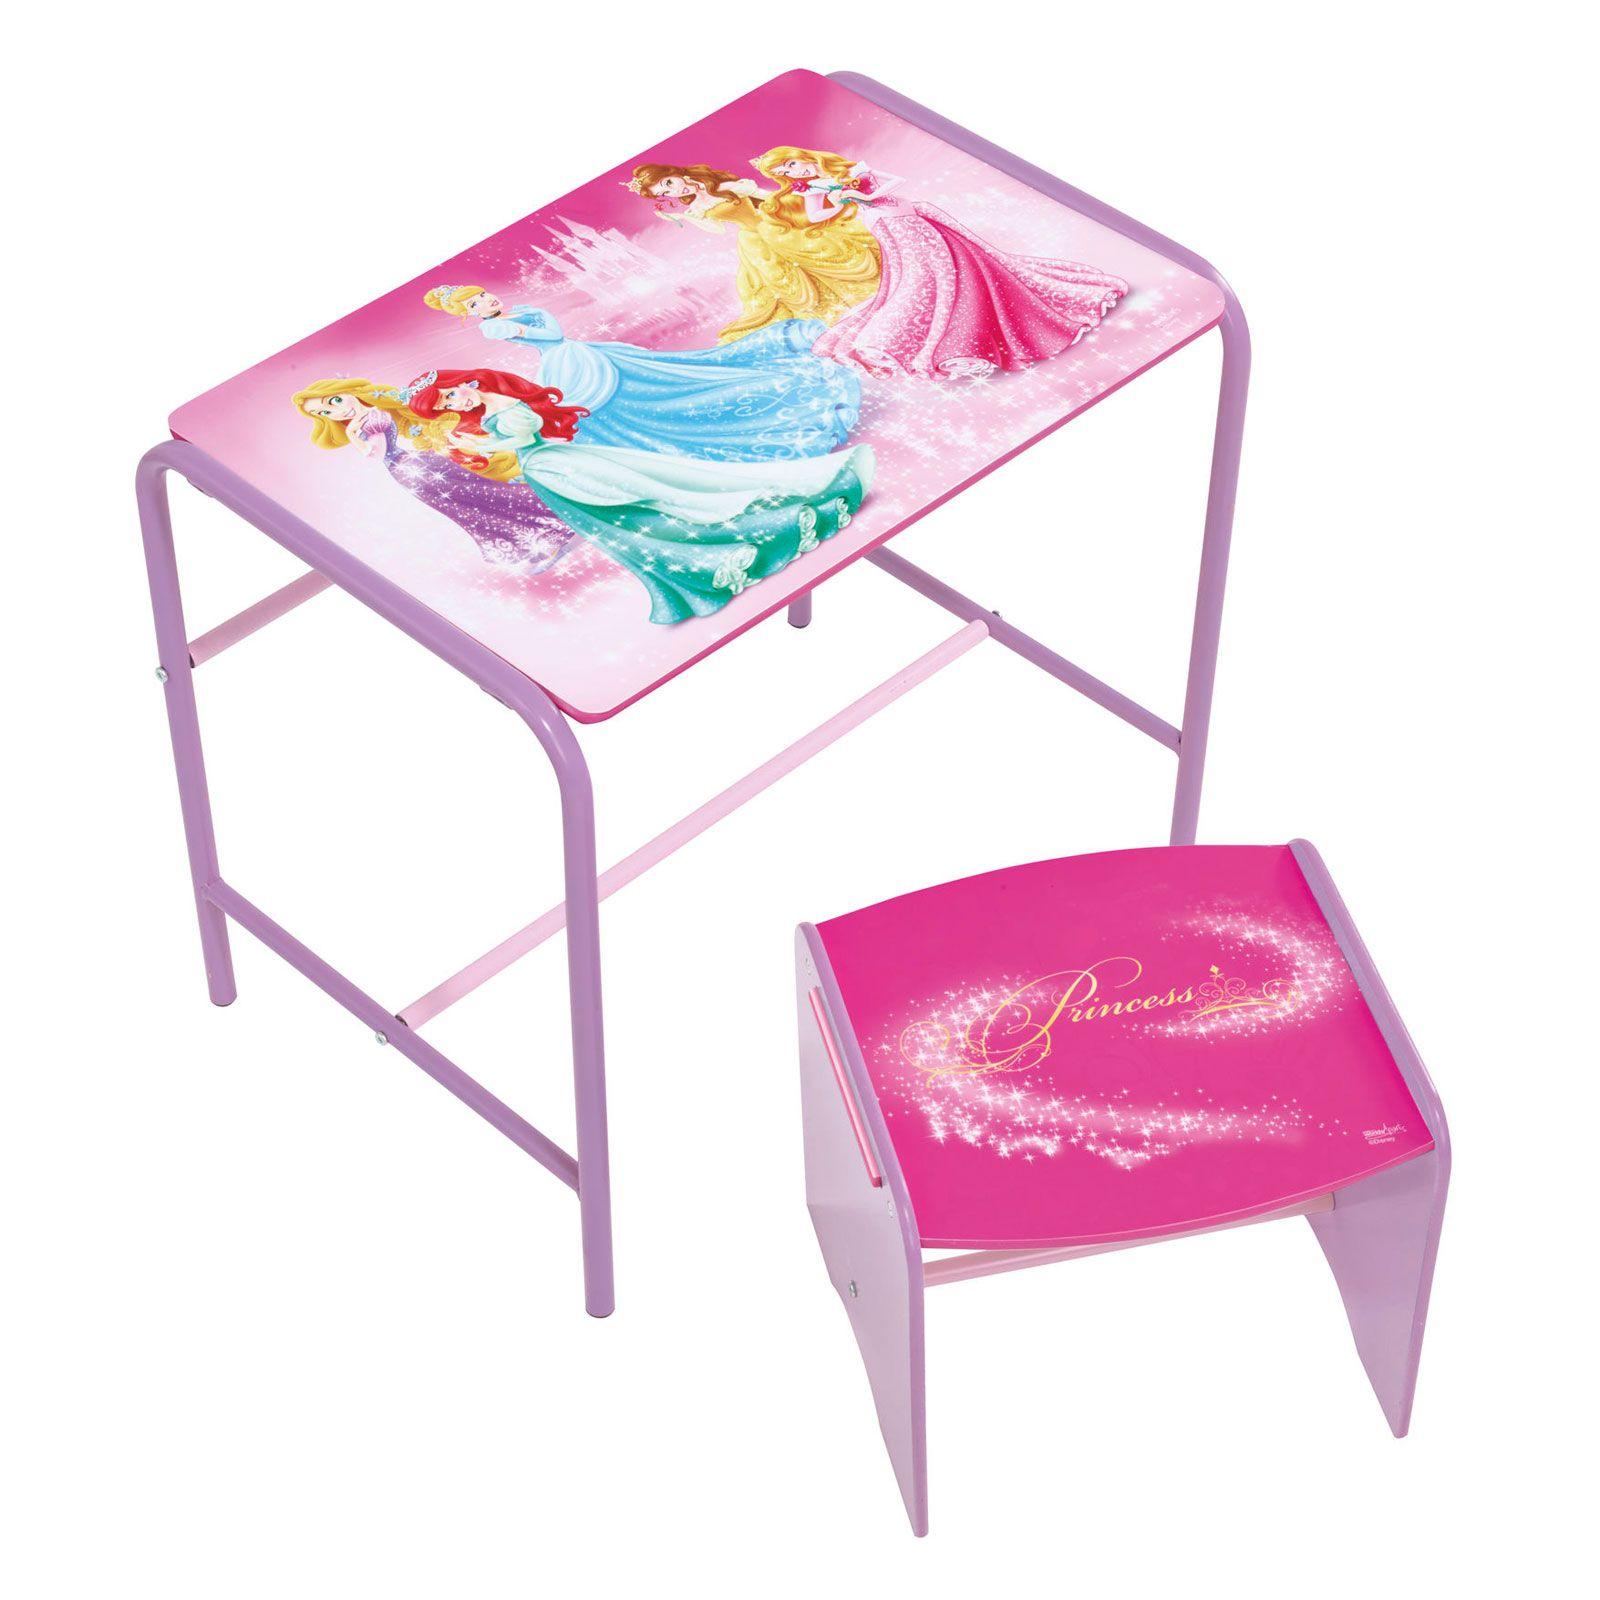 disneys princess schlafzimmer inspiration. Black Bedroom Furniture Sets. Home Design Ideas